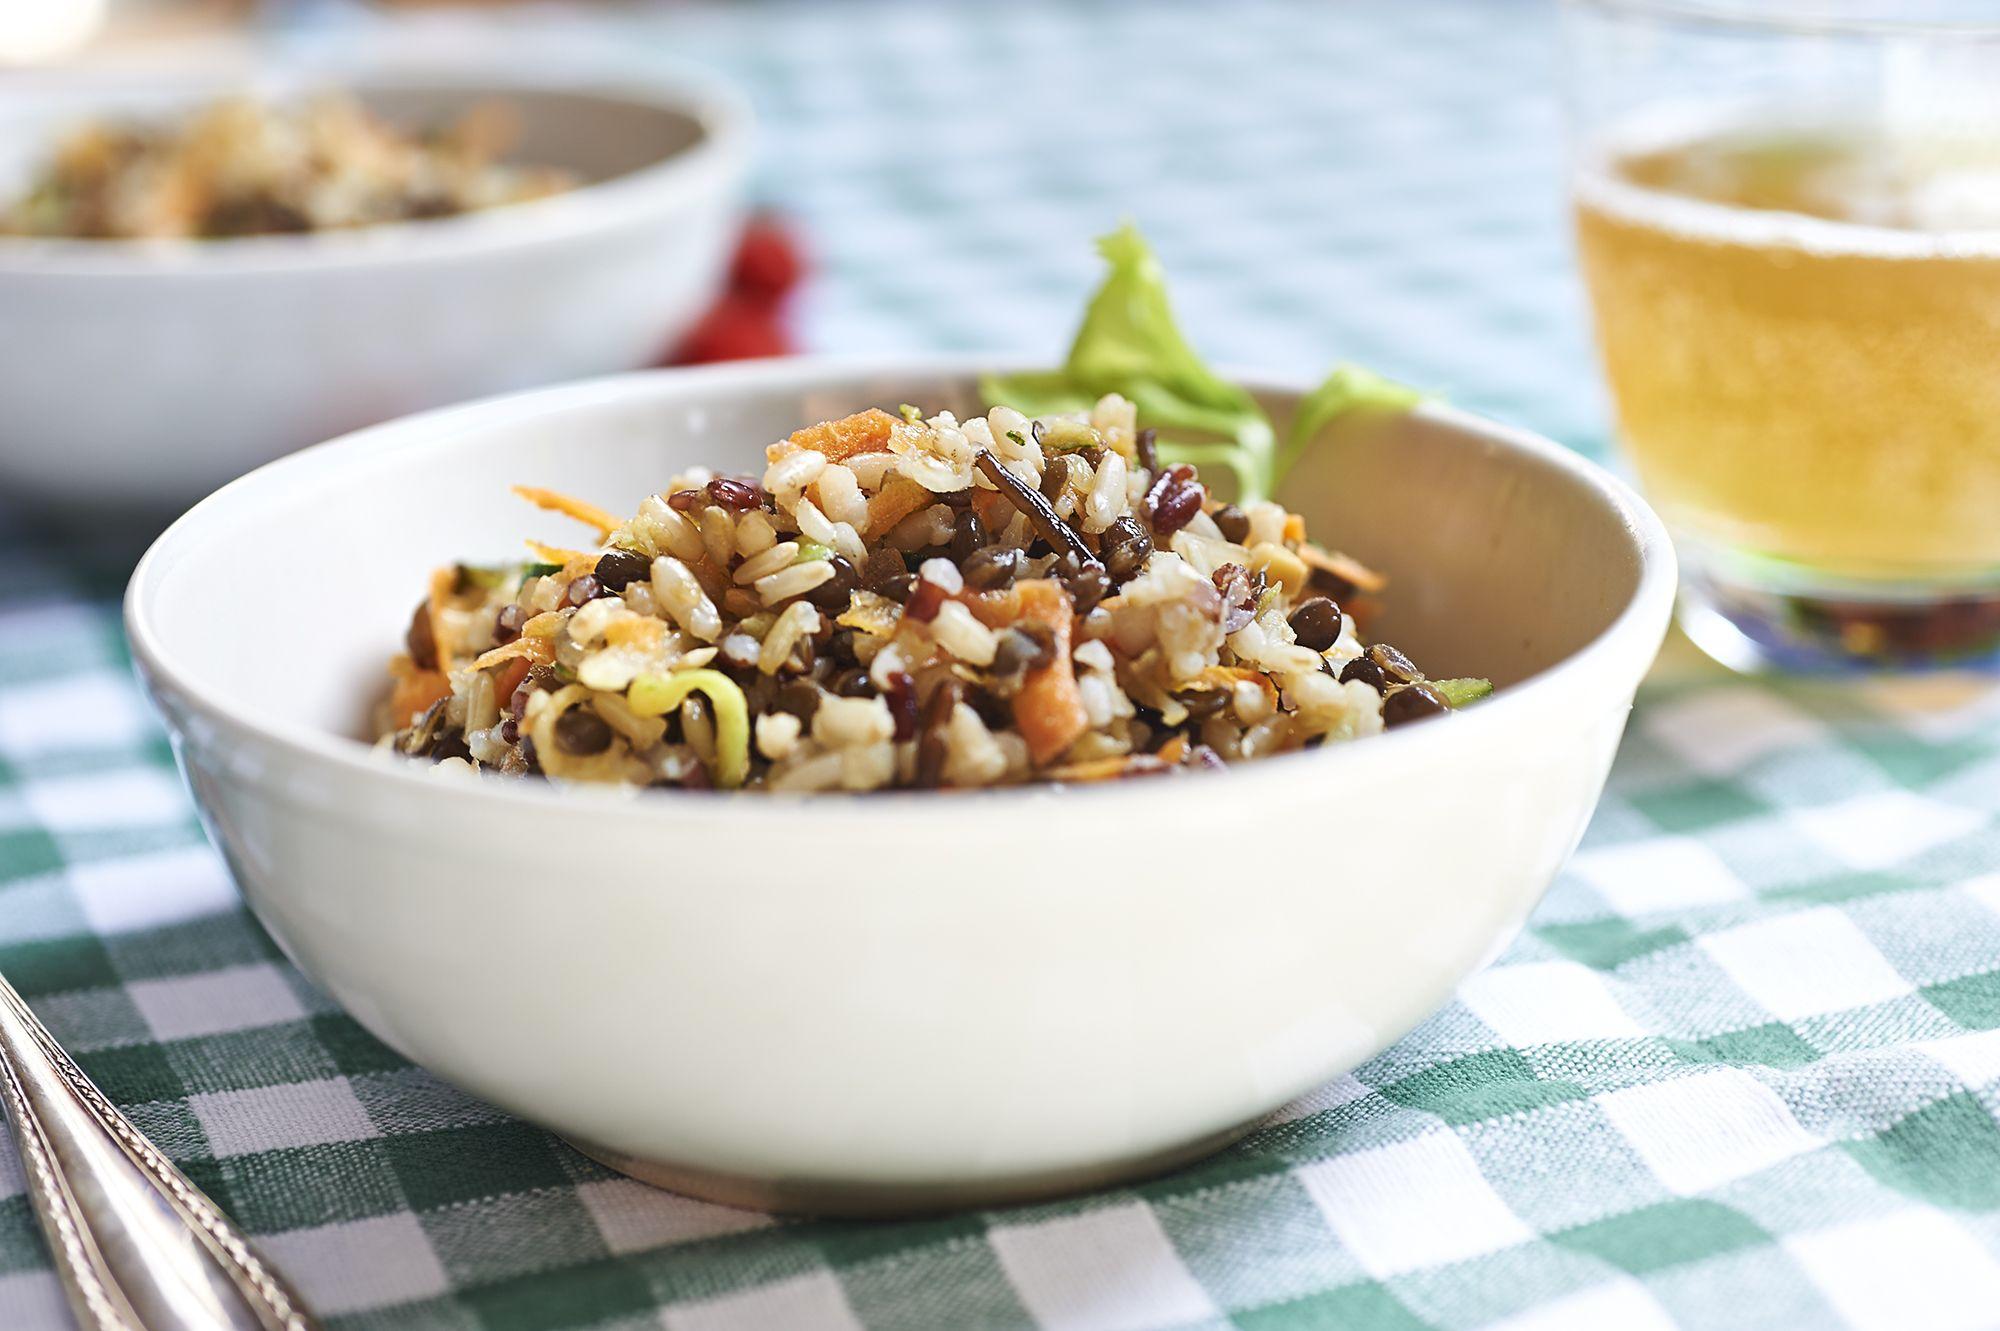 Cereali e lenticchie per un'insalata insolita